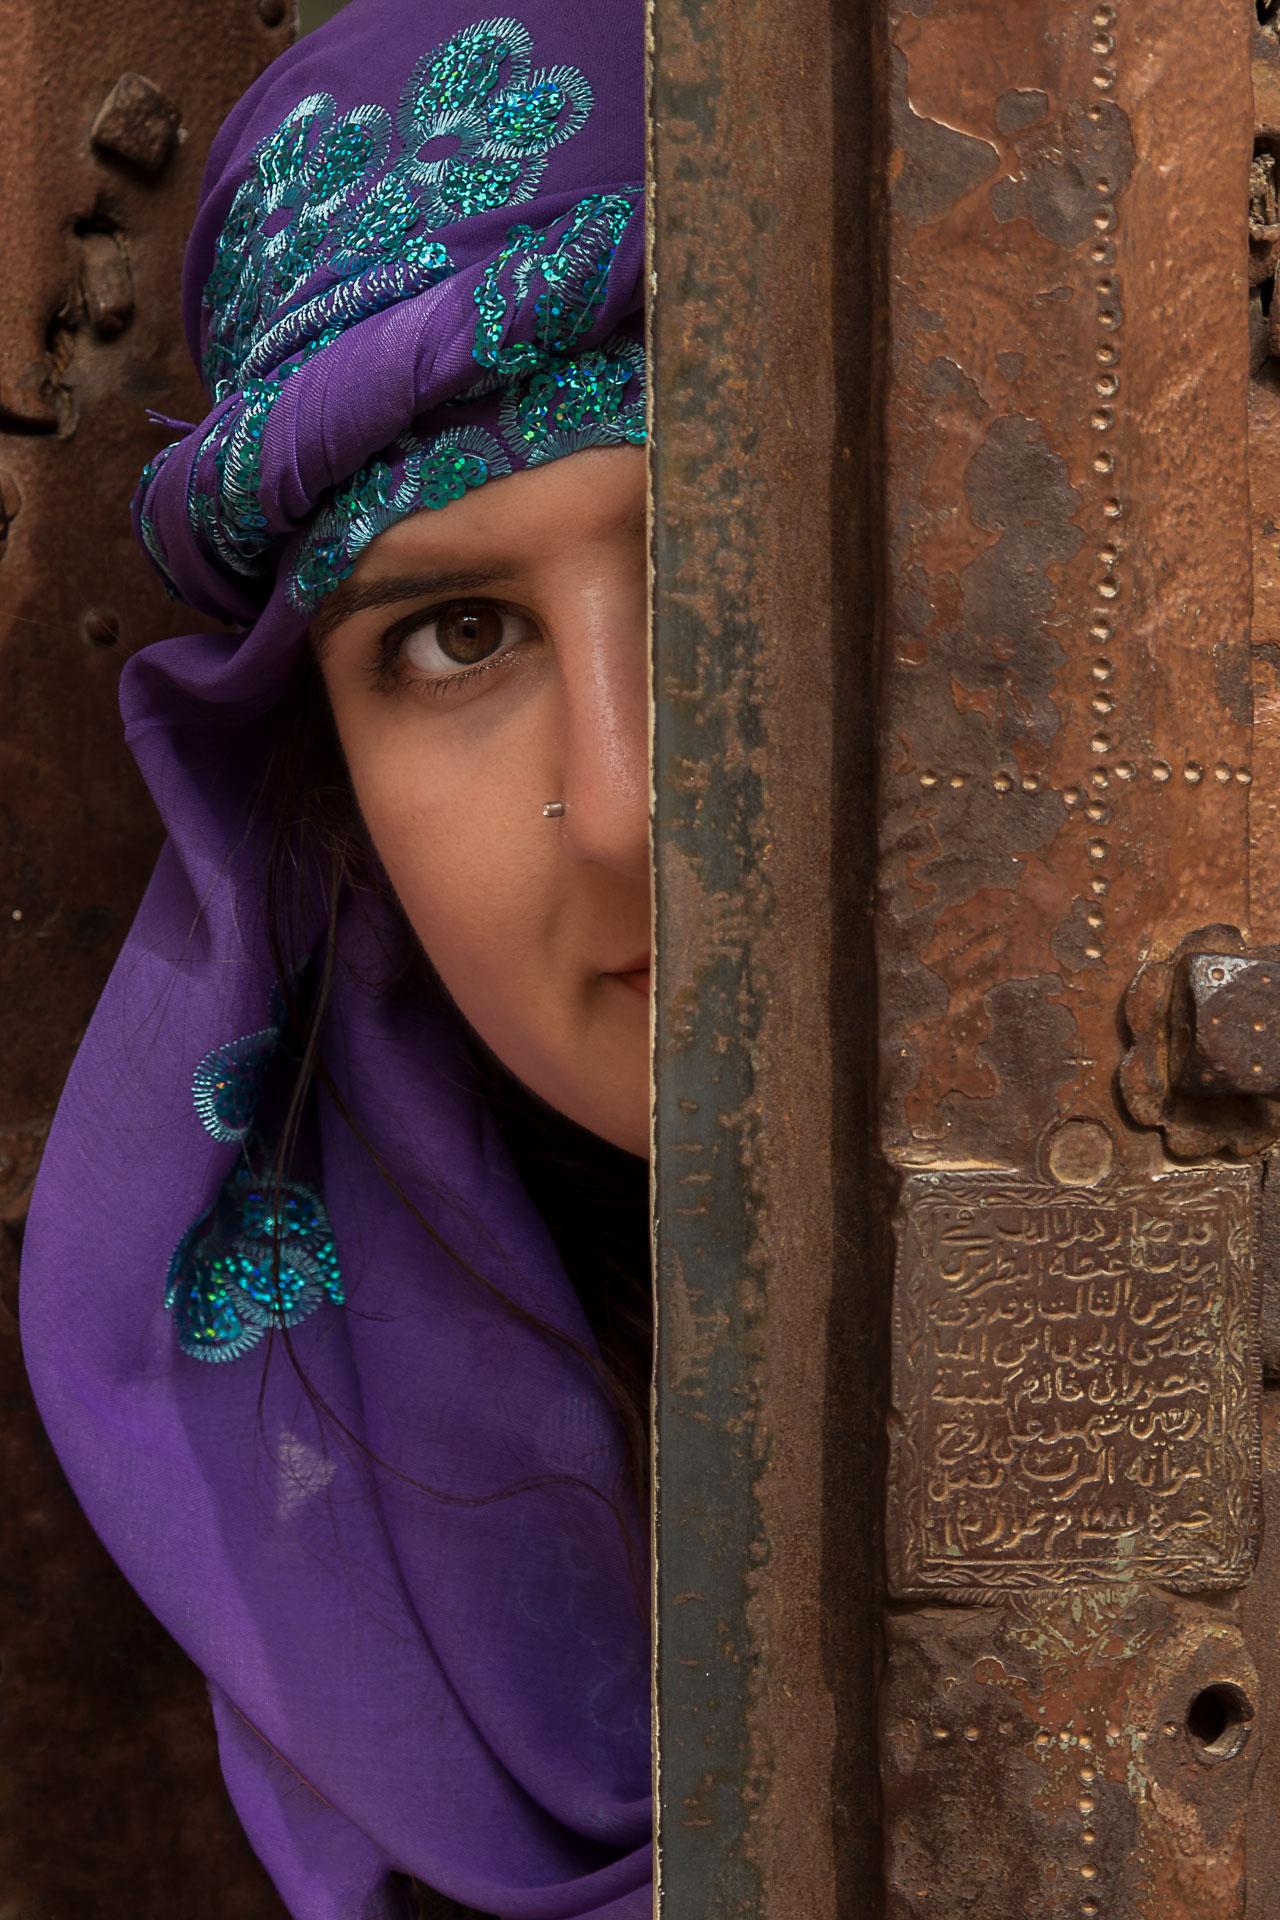 Eski Mardin Fotoğrafları Mardin Türkiye Gezgin Fotoğrafçı Çekergezer Hakan Aydın www.cekergezer.com www.cekergezer.com